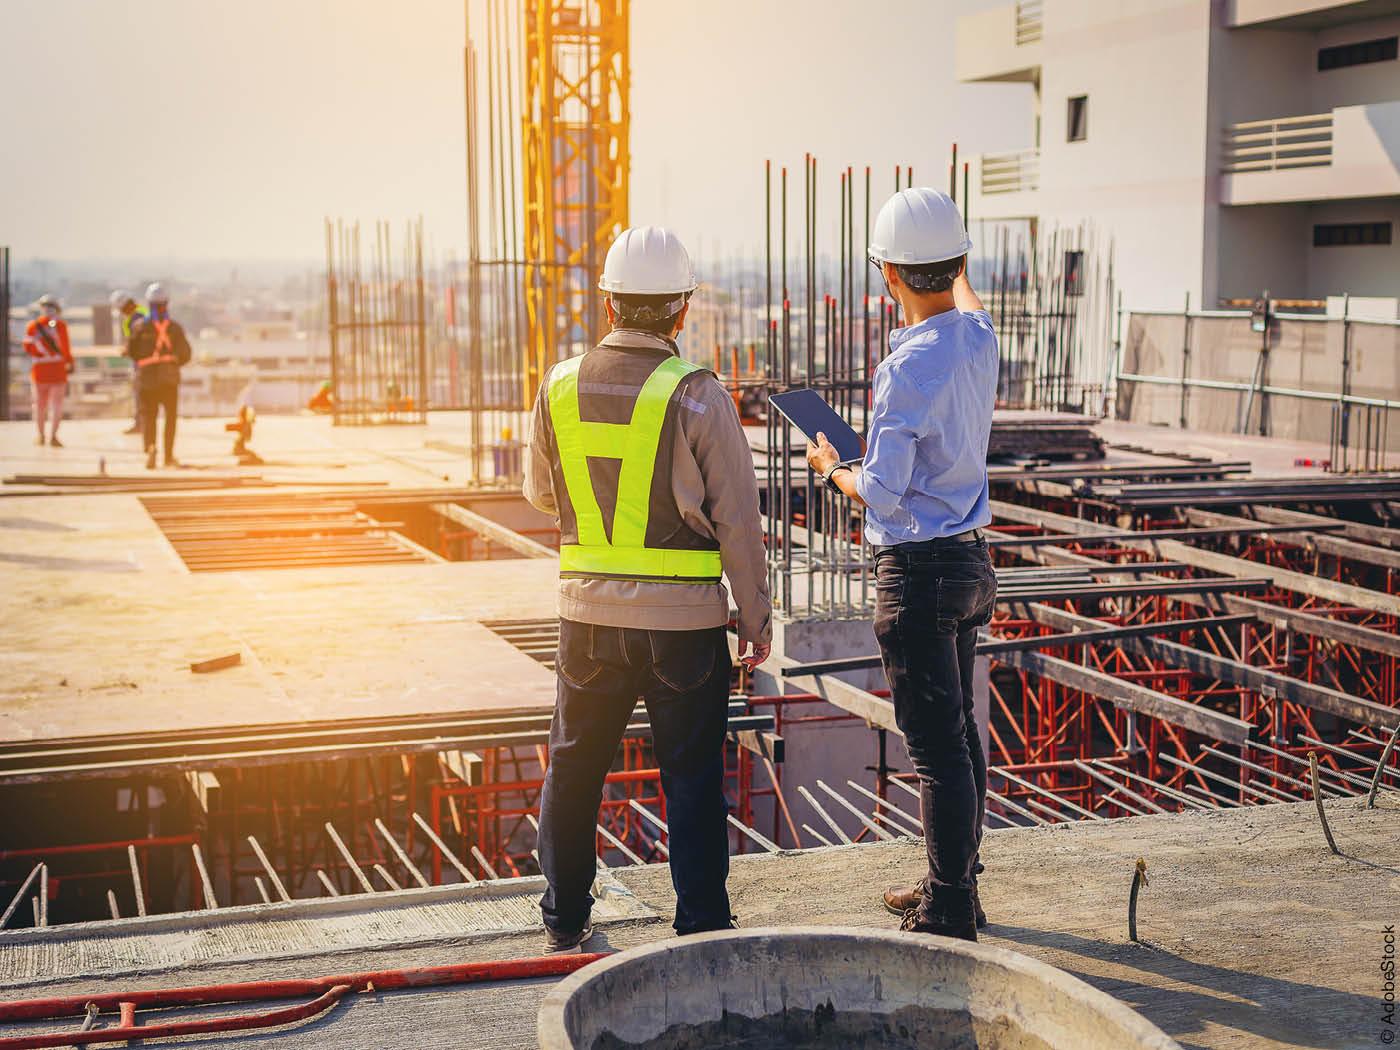 Ontwikkelfonds Cleantech Regio maakt omscholen naar kansrijk werk makkelijker